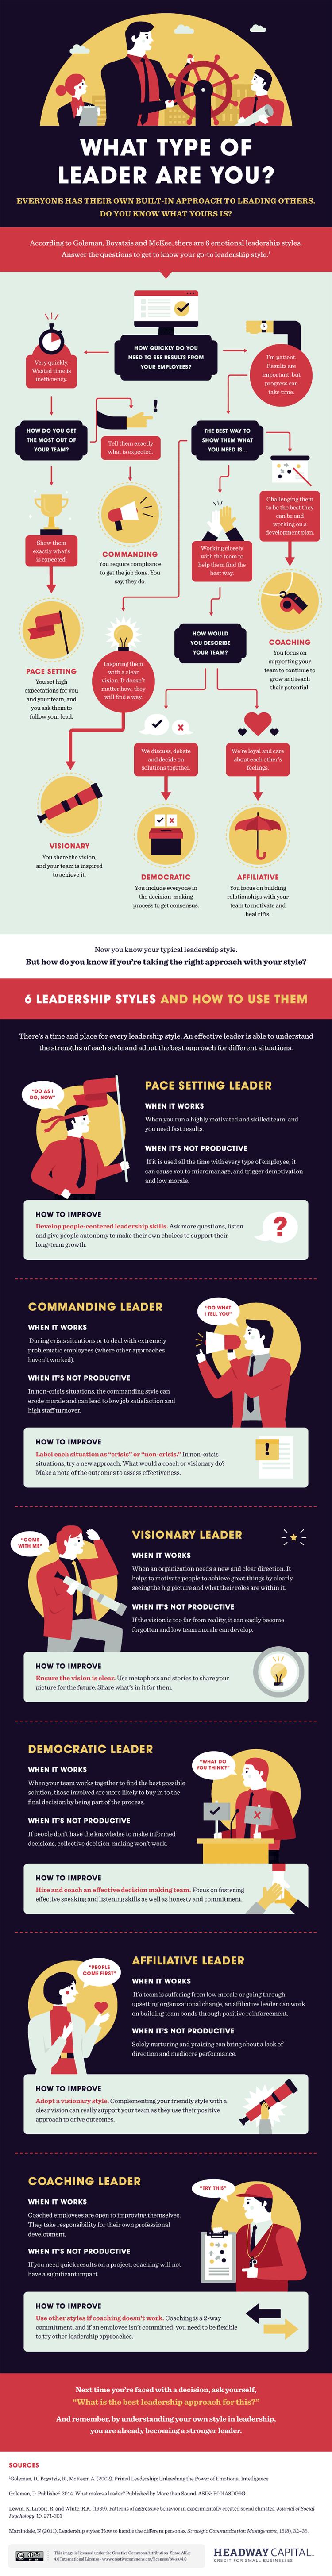 Infografik zeigt sechs Führungsstile und wie man sie nutzt